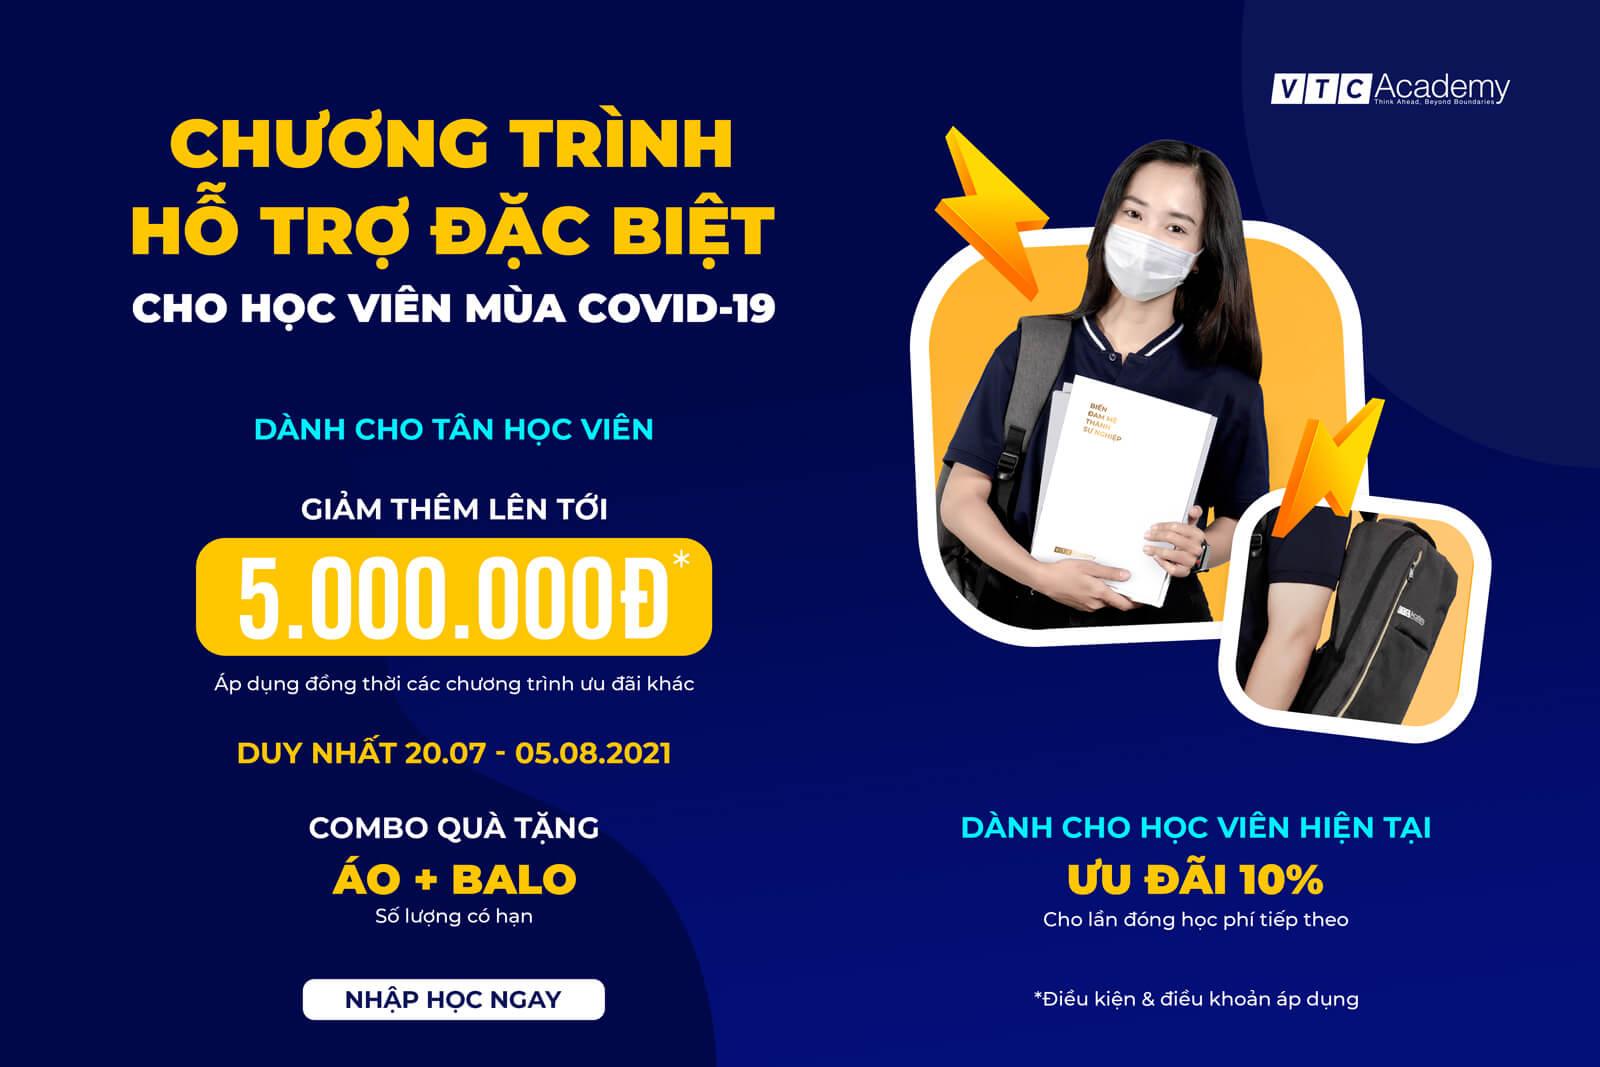 VTC Academy ra mắt chương trình ưu đãi hỗ trợ đặc biệt dành cho học viên vượt qua mùa Covid-19